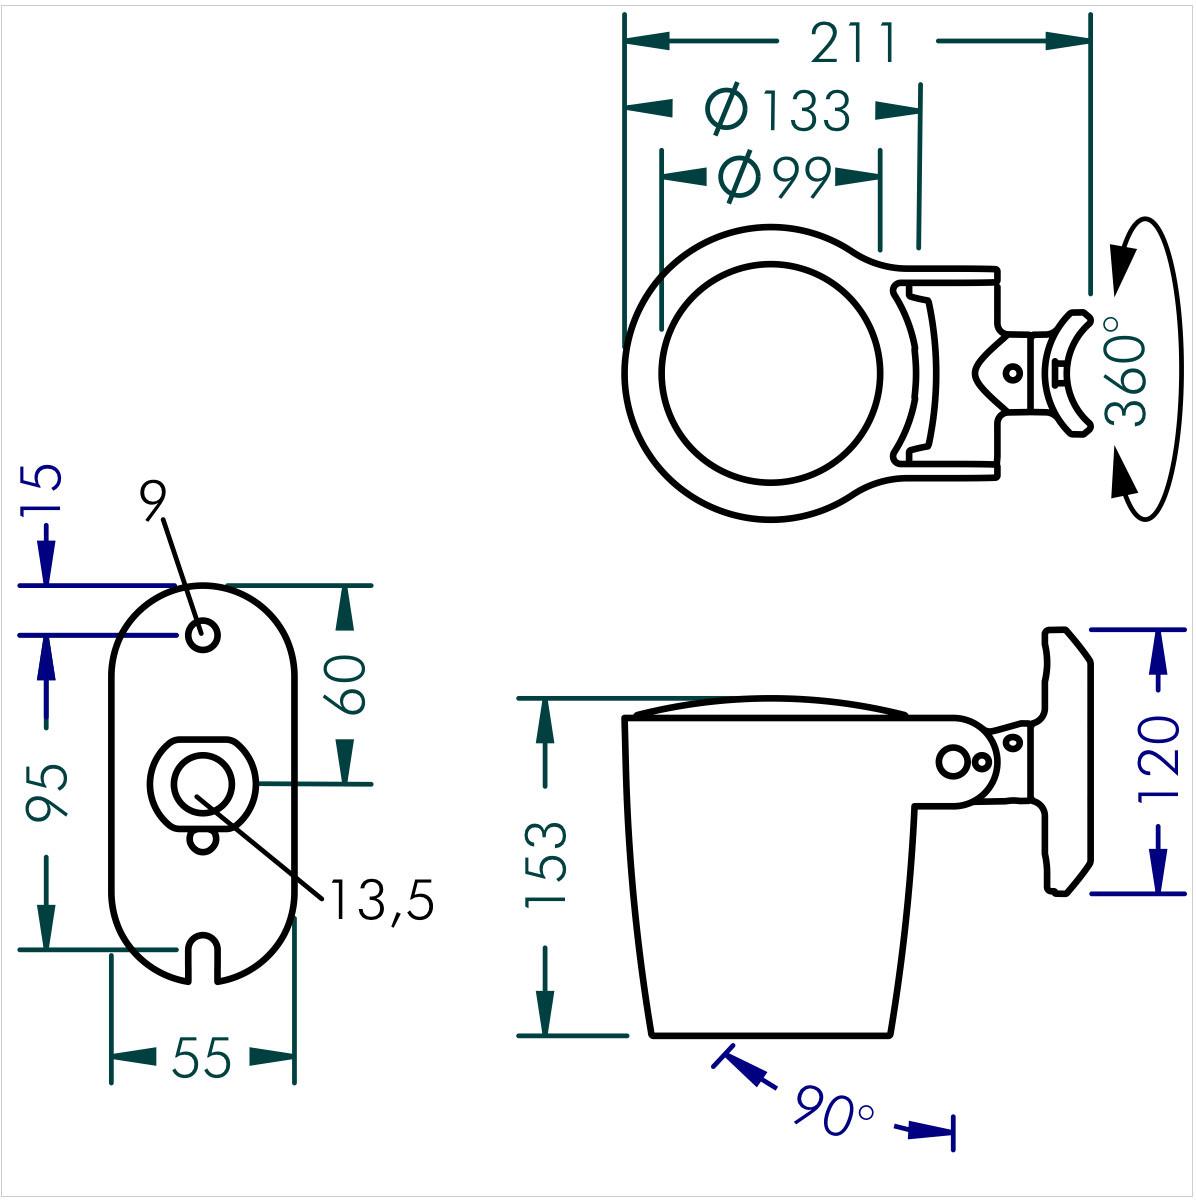 mastleuchte-led-monospot-2-datenzeichnung